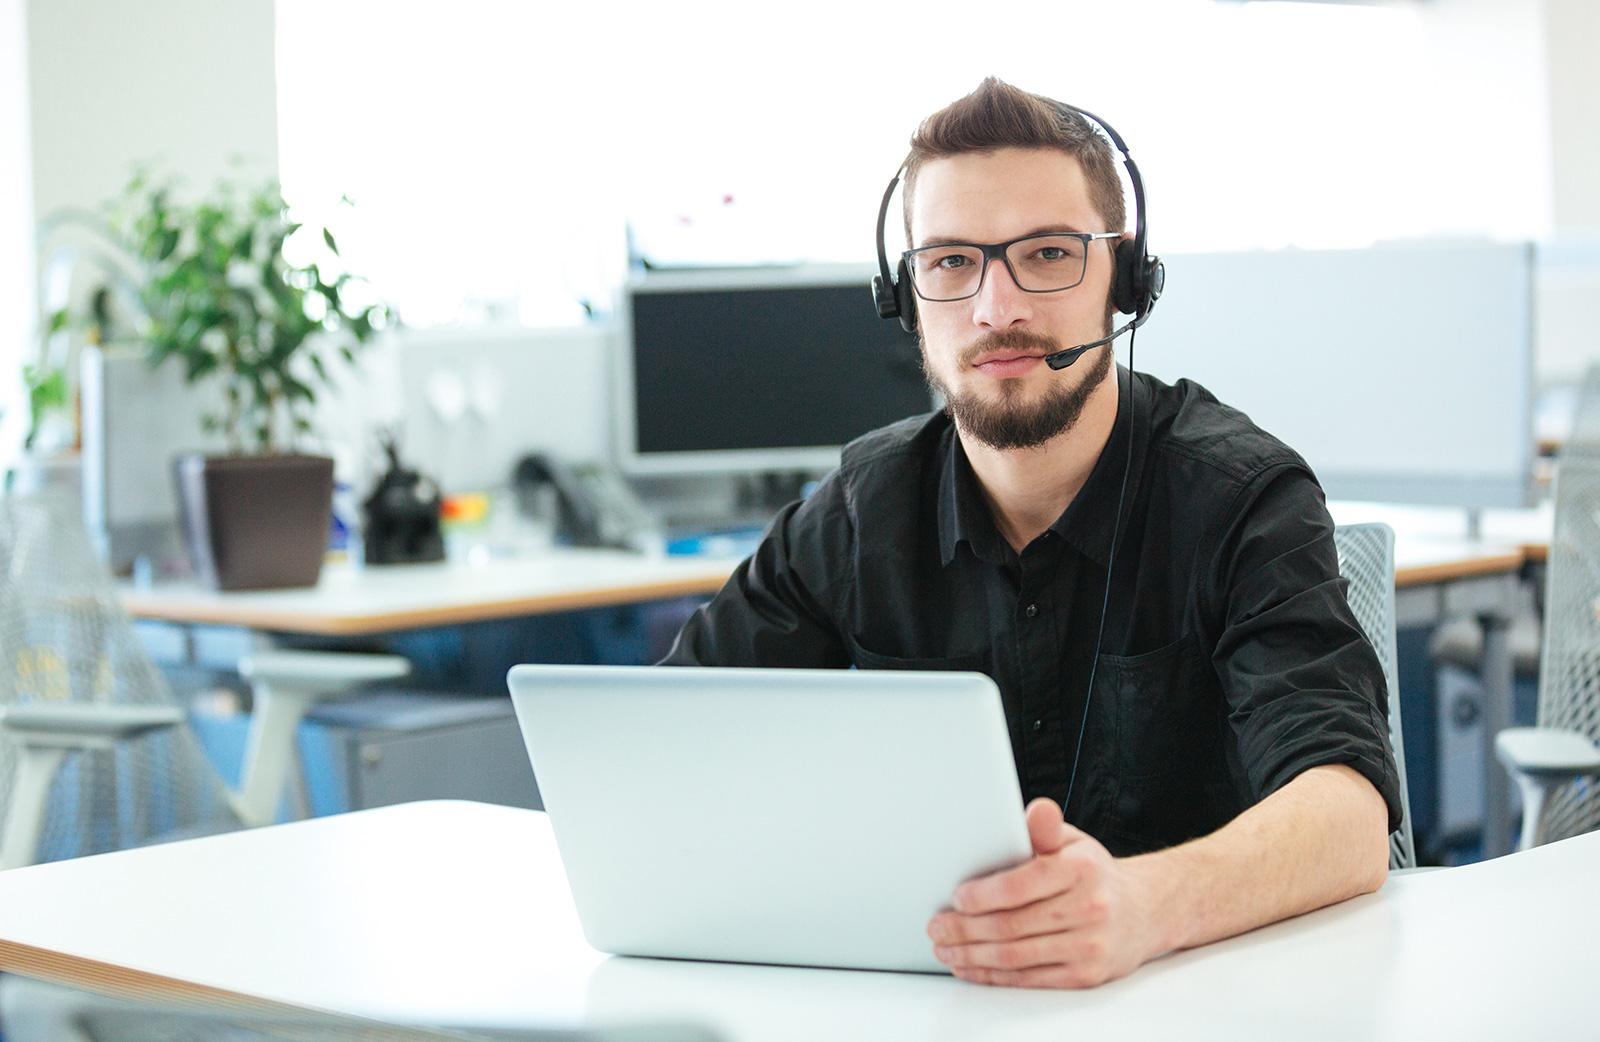 Um Kunden bei akuten Problemen zu unterstützen, bietet die Support-Abteilung der GRÜN Software AG im Rahmen der Service-Offensive ab sofort eine kostenpflichtige Notfall-Support-Hotline an.